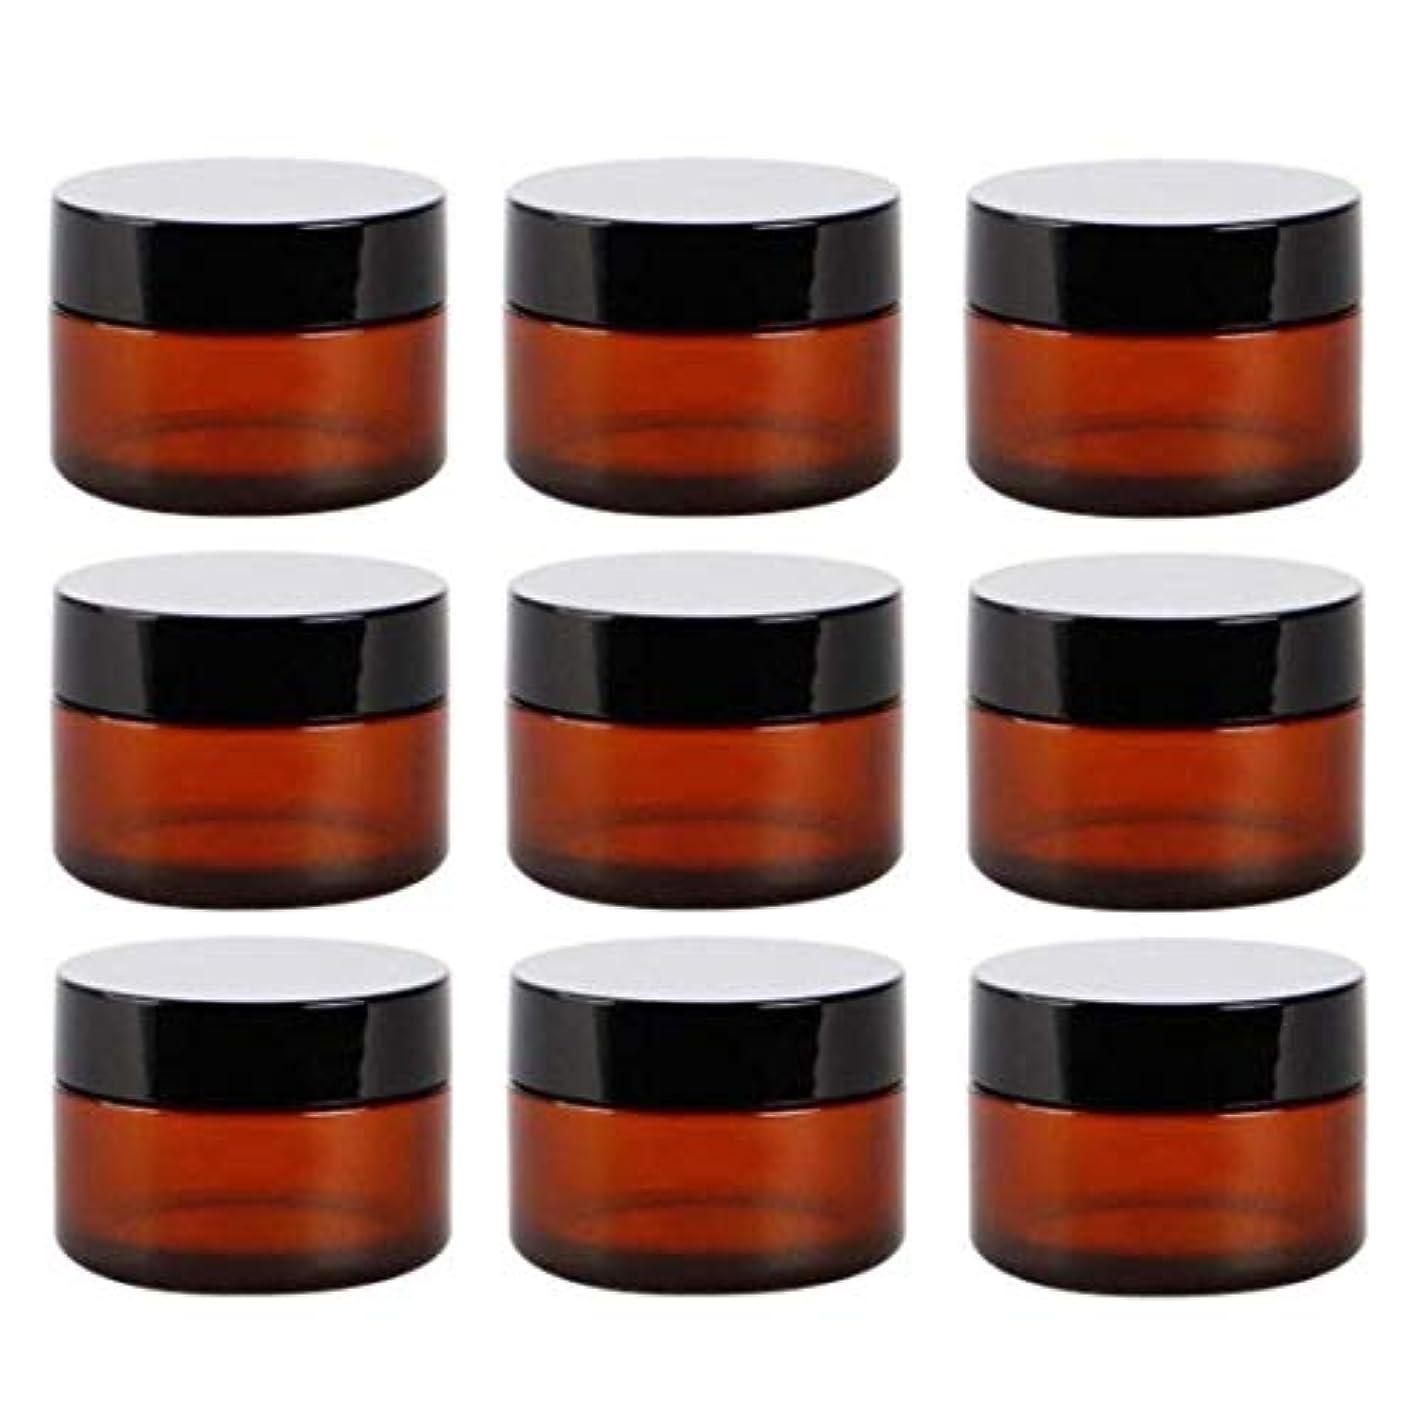 に対して遊具告白スポイト遮光瓶 アロマオイル 9本セット 精油 香水やアロマの保存 小分け用 遮光瓶 保存 詰替え ガラス製 茶色10g